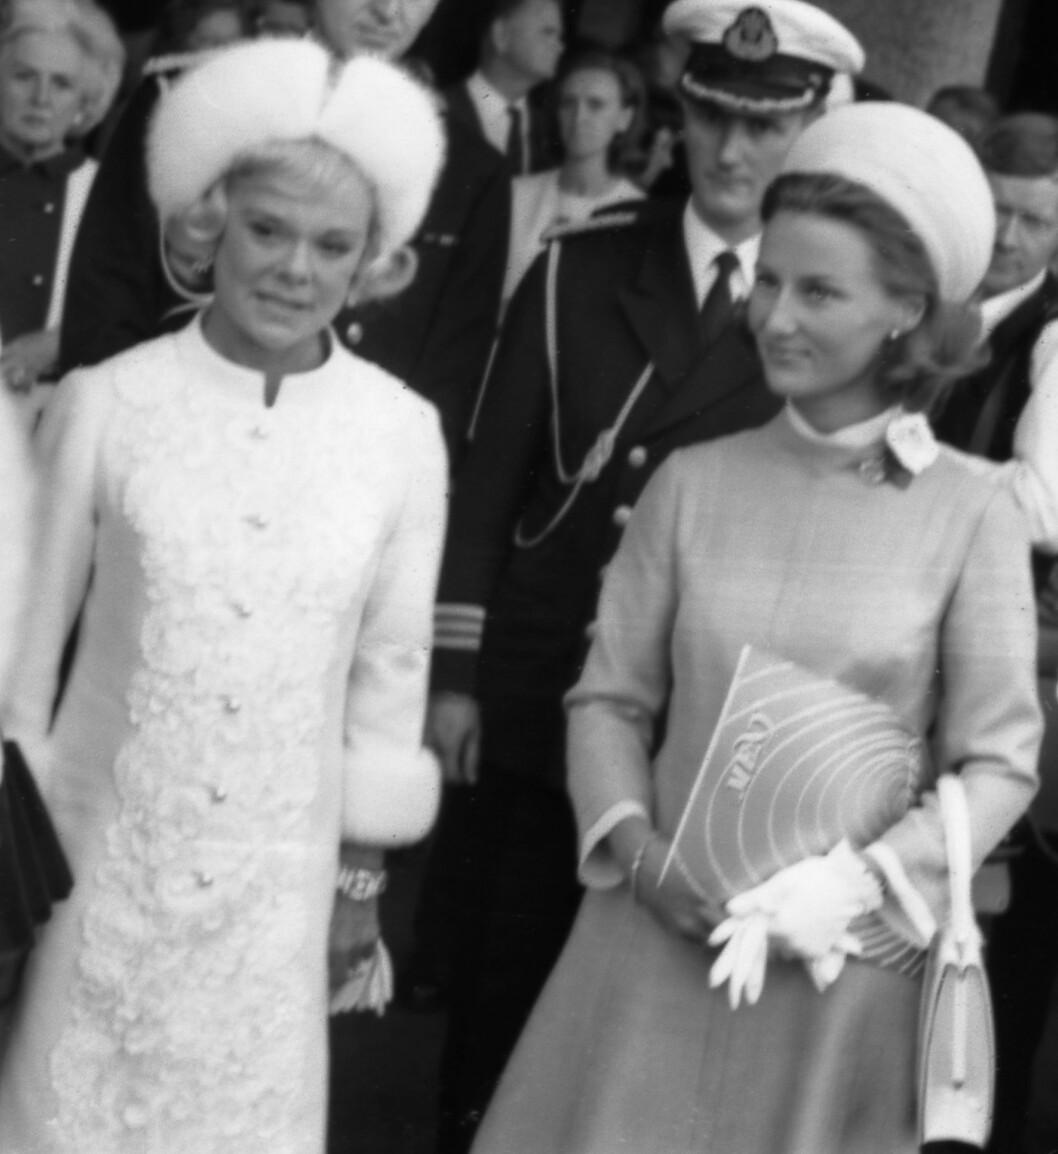 <strong>SONJA + SONJA:</strong> Sonja Henie og Sonja Haraldsen under åpningen av Henie-Onstad kunstsenter 23. august 1968. Seks dager senere giftet sistnevnte Sonja seg, og ble Norges nye kronprinsesse. FOTO: NTB Scanpix